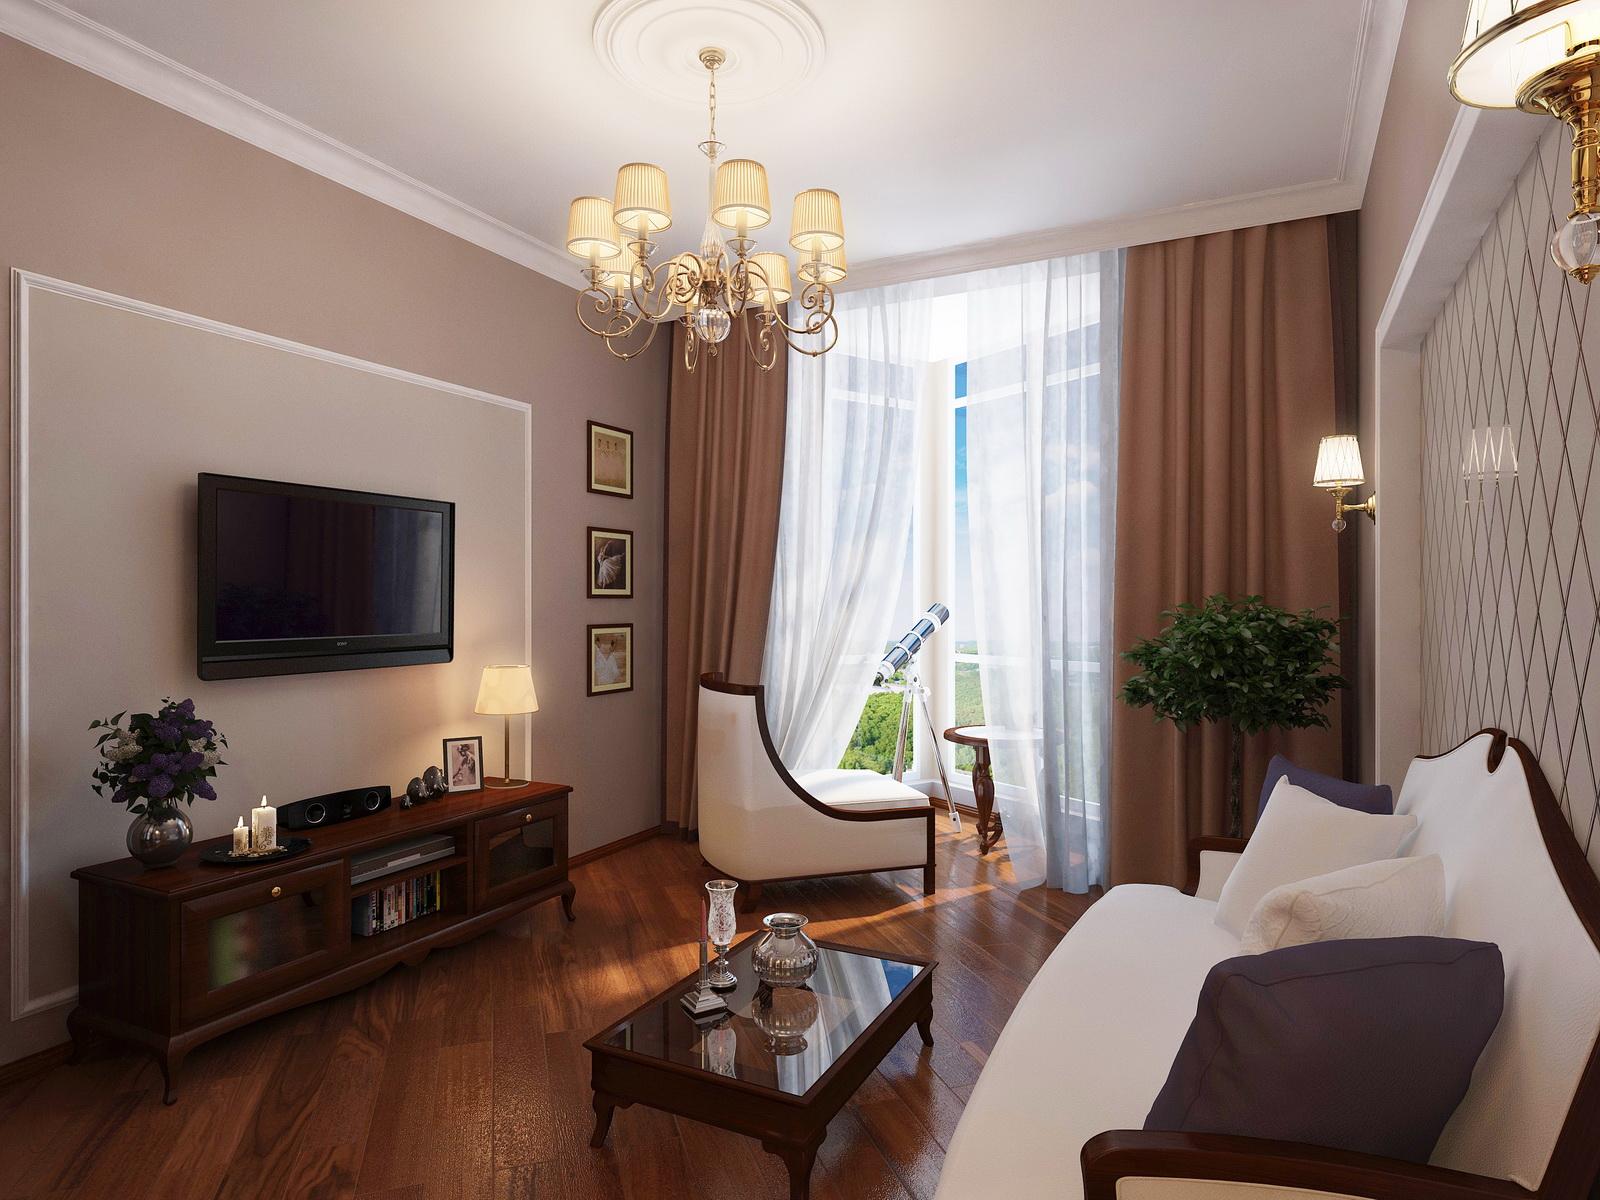 Фото дизайна гостиной в двухкомнатной квартире